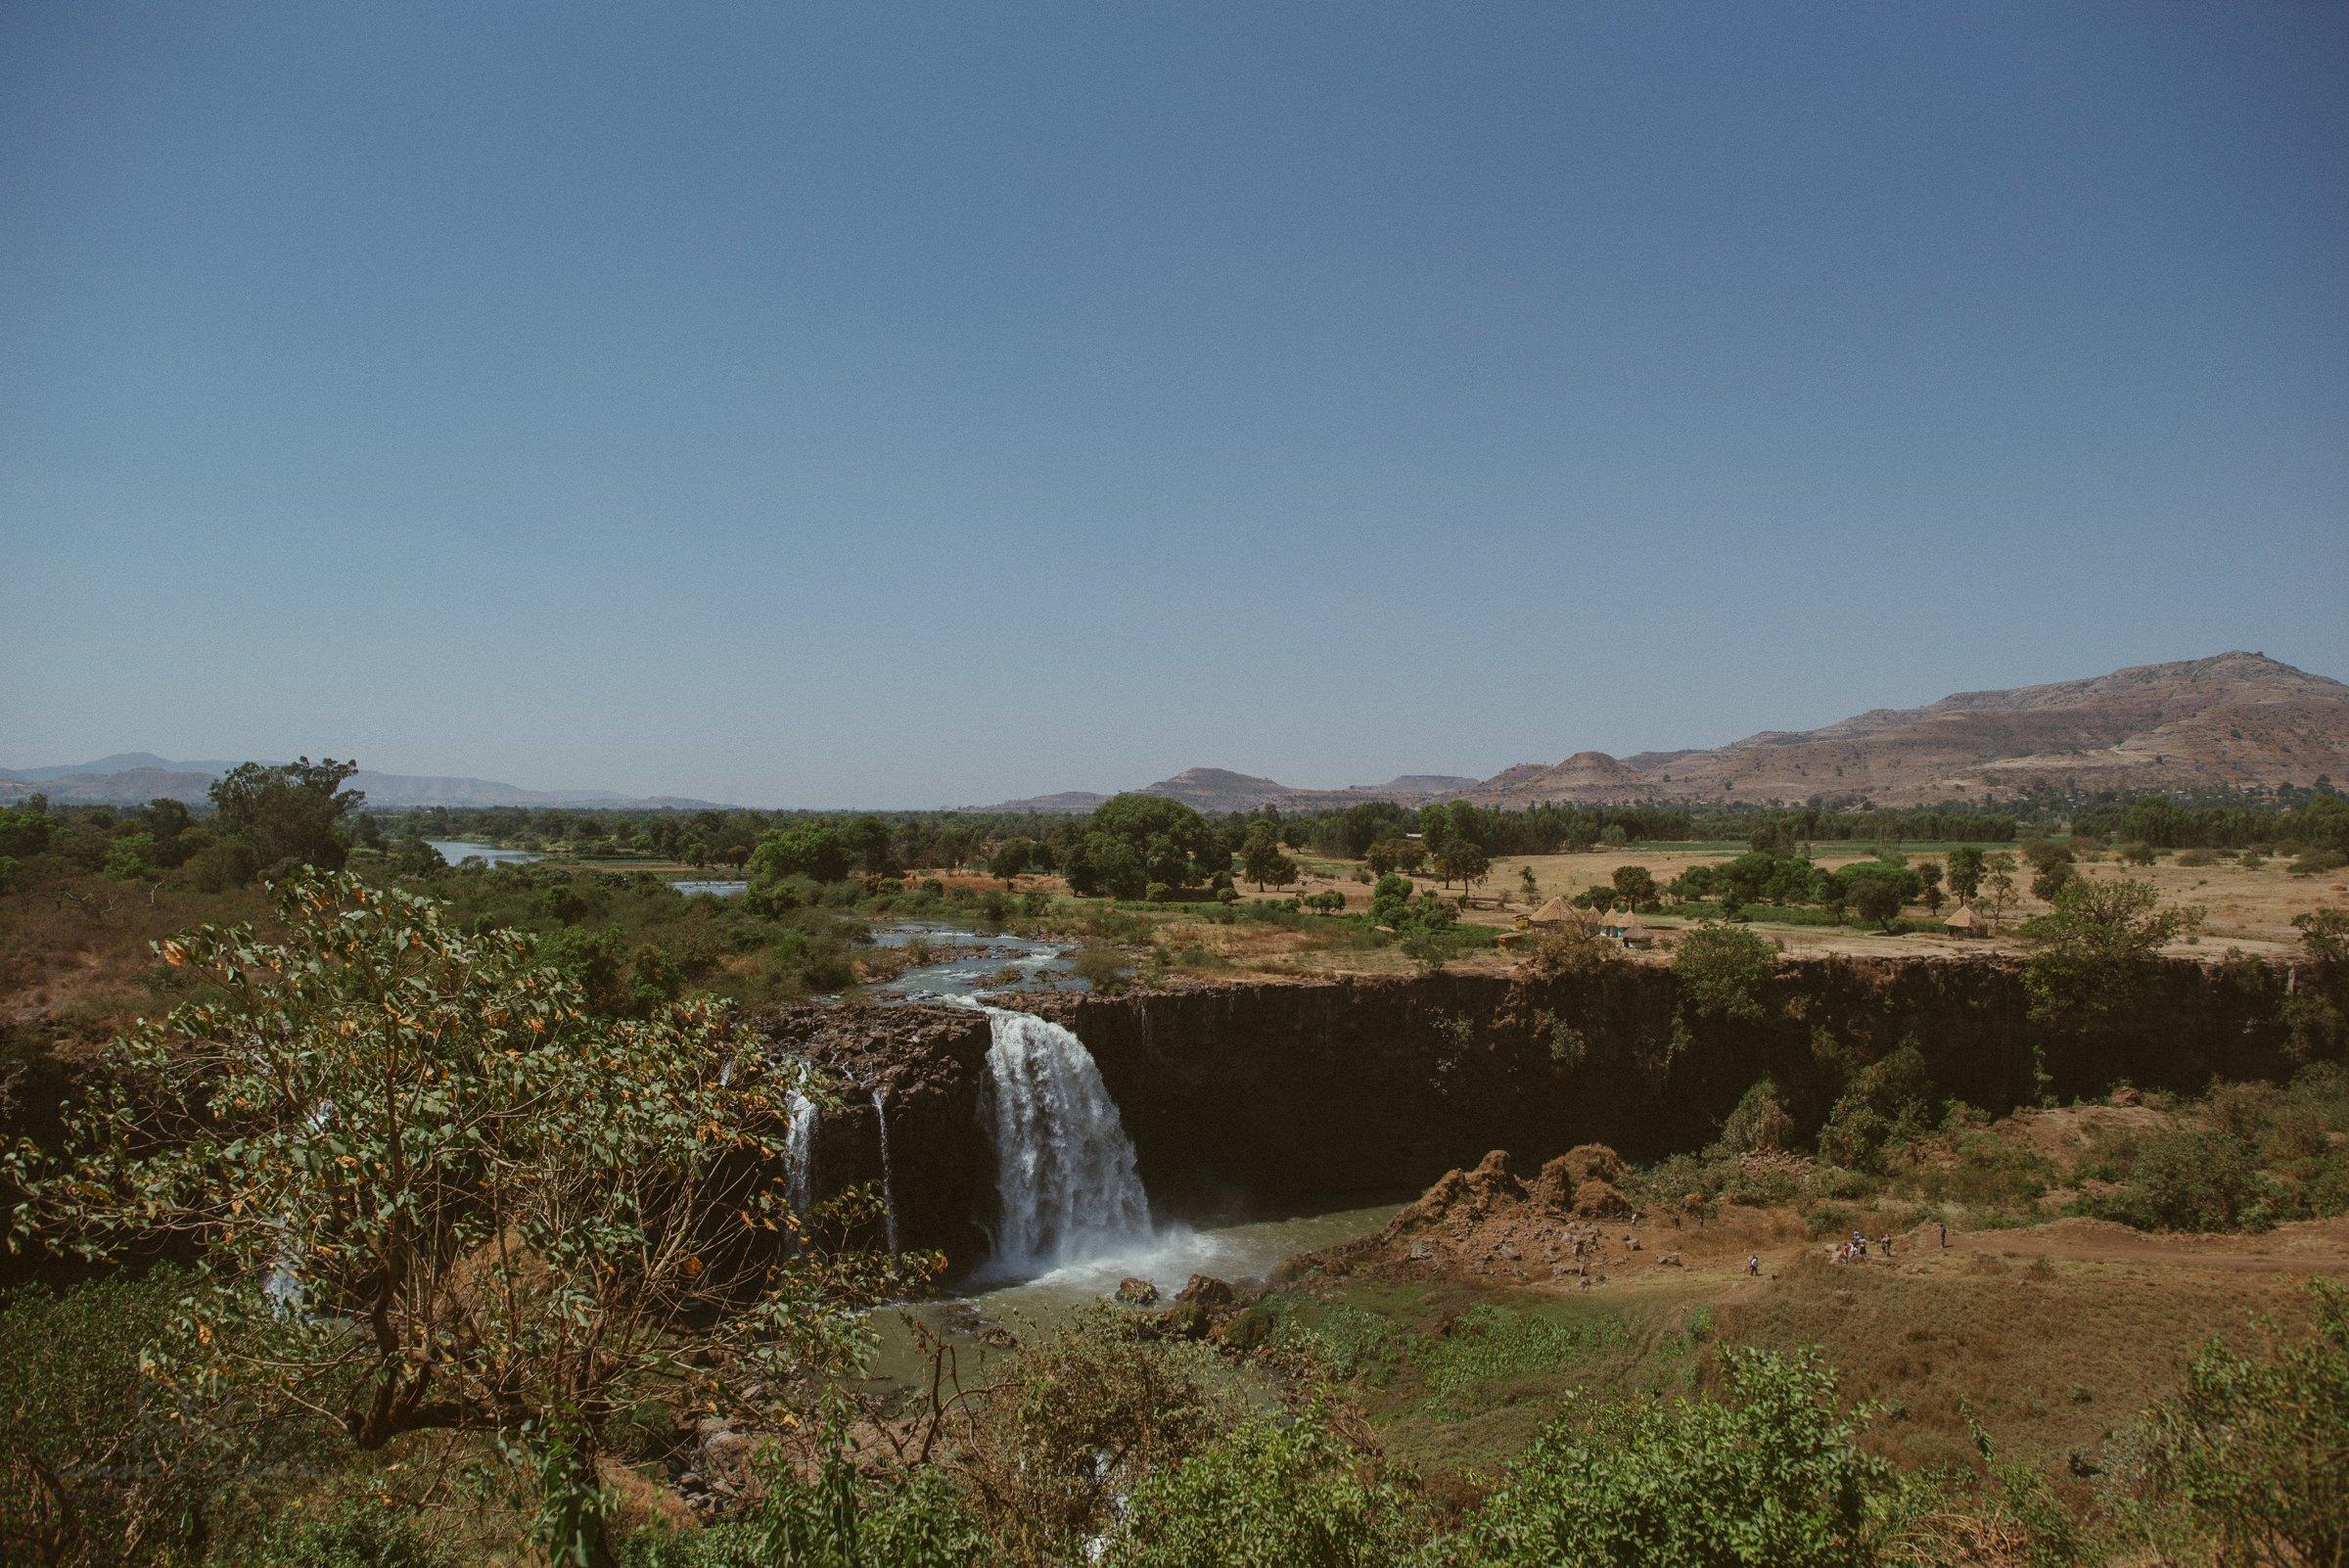 Äthiopien - Simien Mountains & Danakil Depression - Anne & Björn